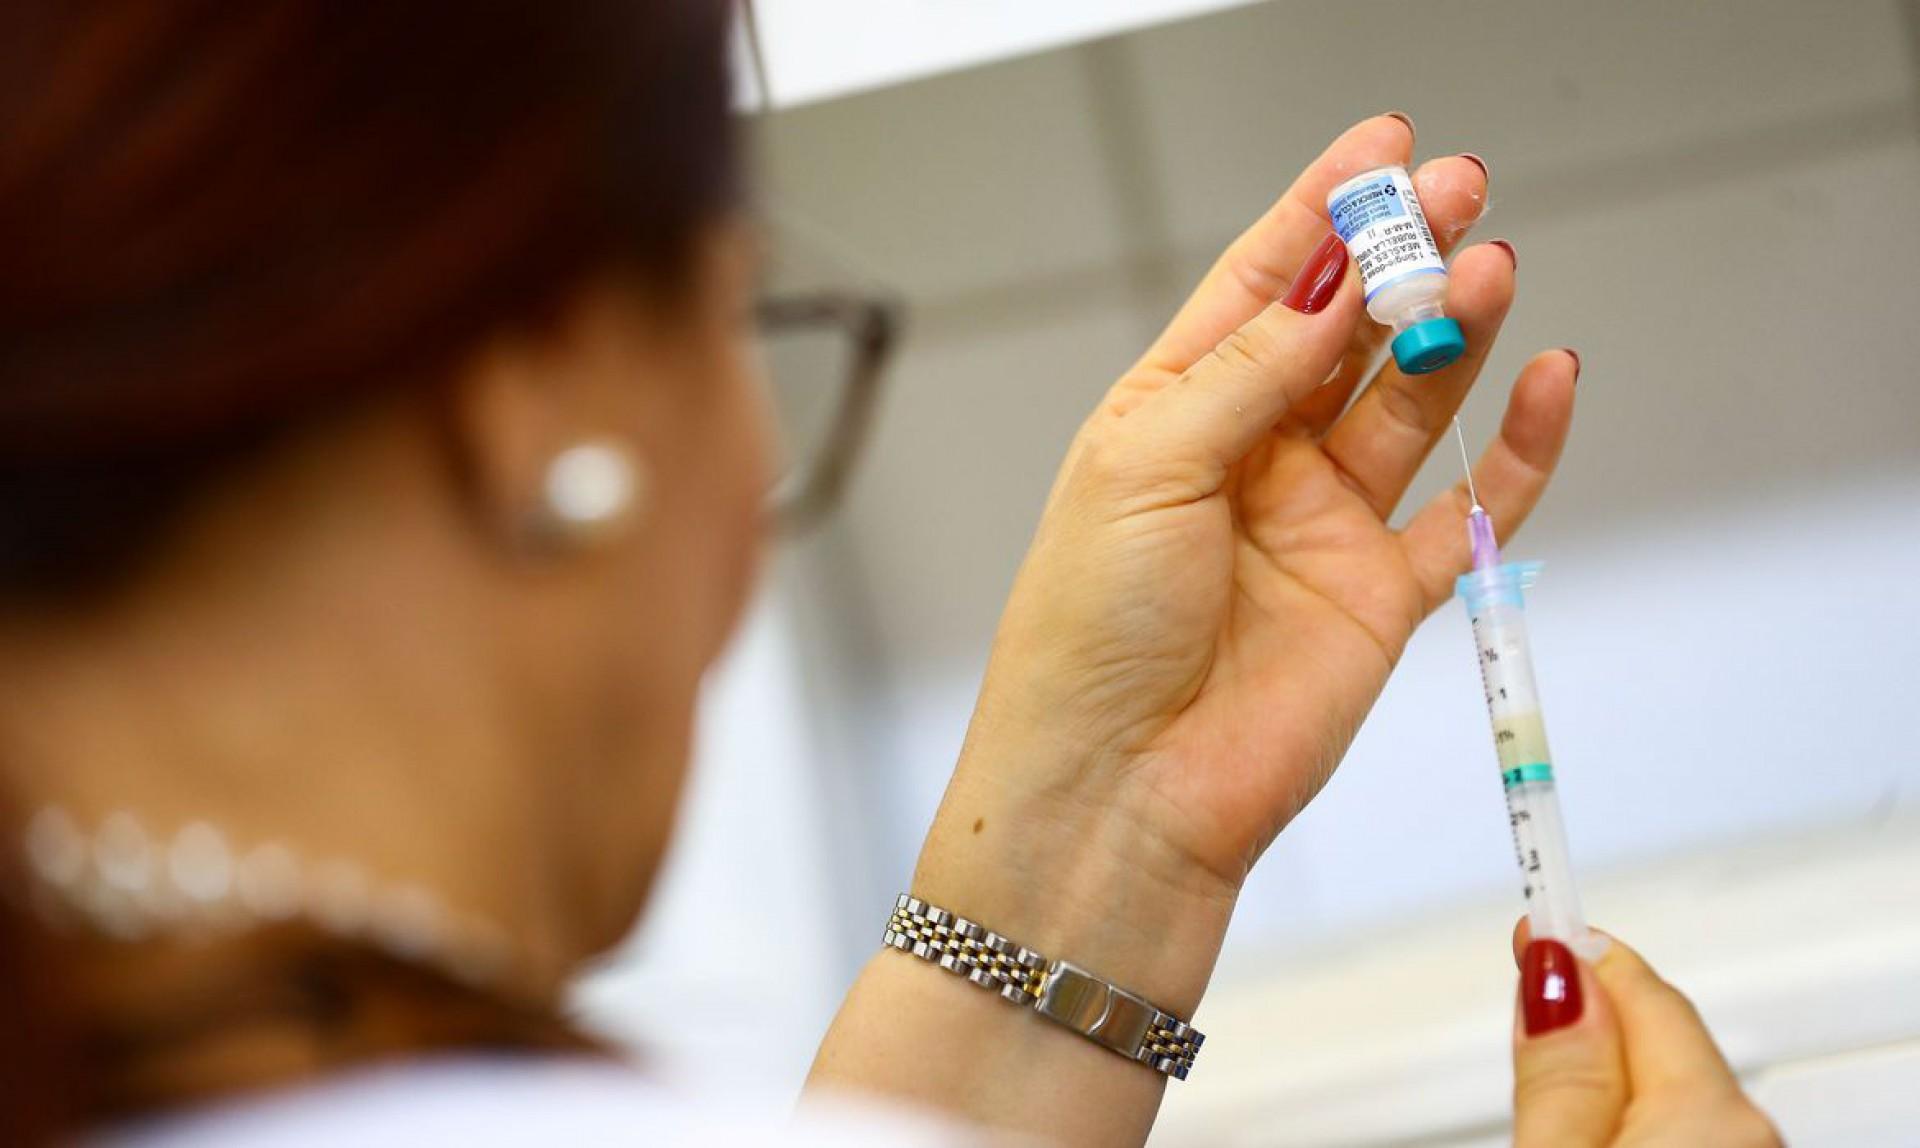 A tríplice viral deve ser administrada em duas doses, sendo a primeira aos 12 meses e a segunda entre 15 e 24 meses (Foto: Marcelo Camargo/Agência Brasil)